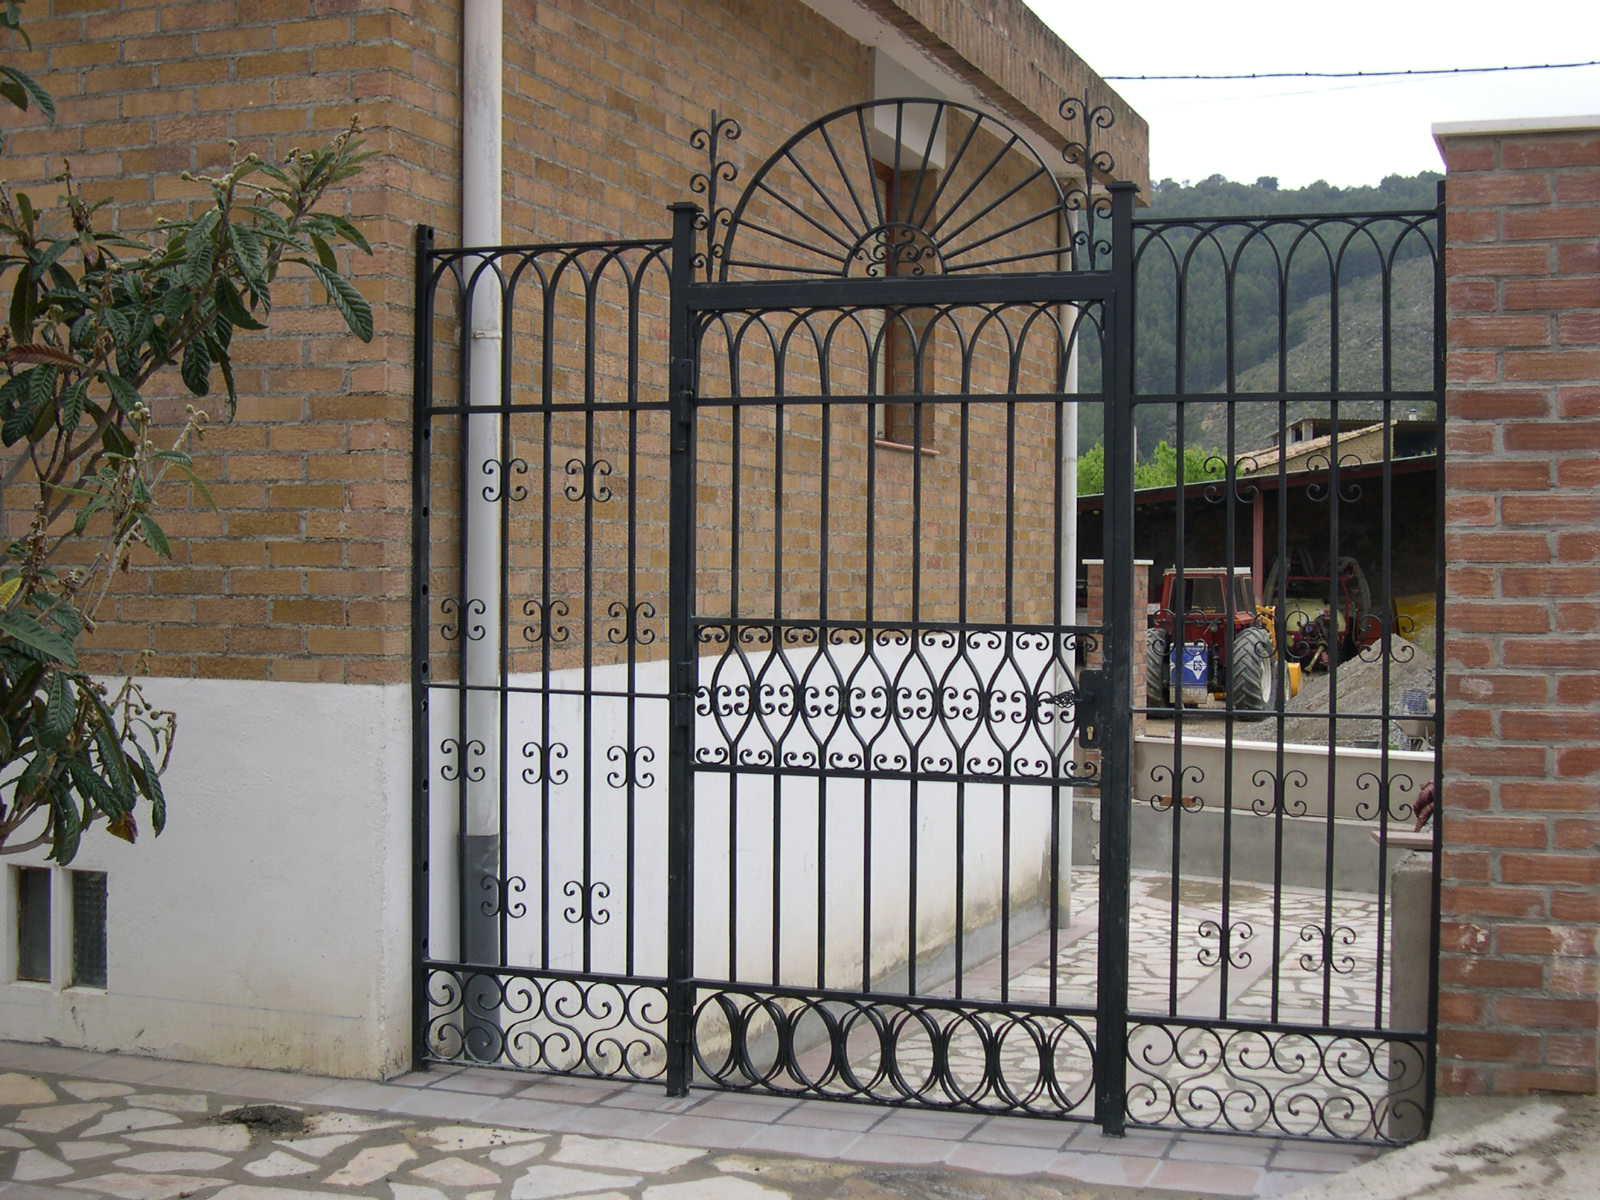 Talleres raluy restauraci n for Bancas para jardin de herreria